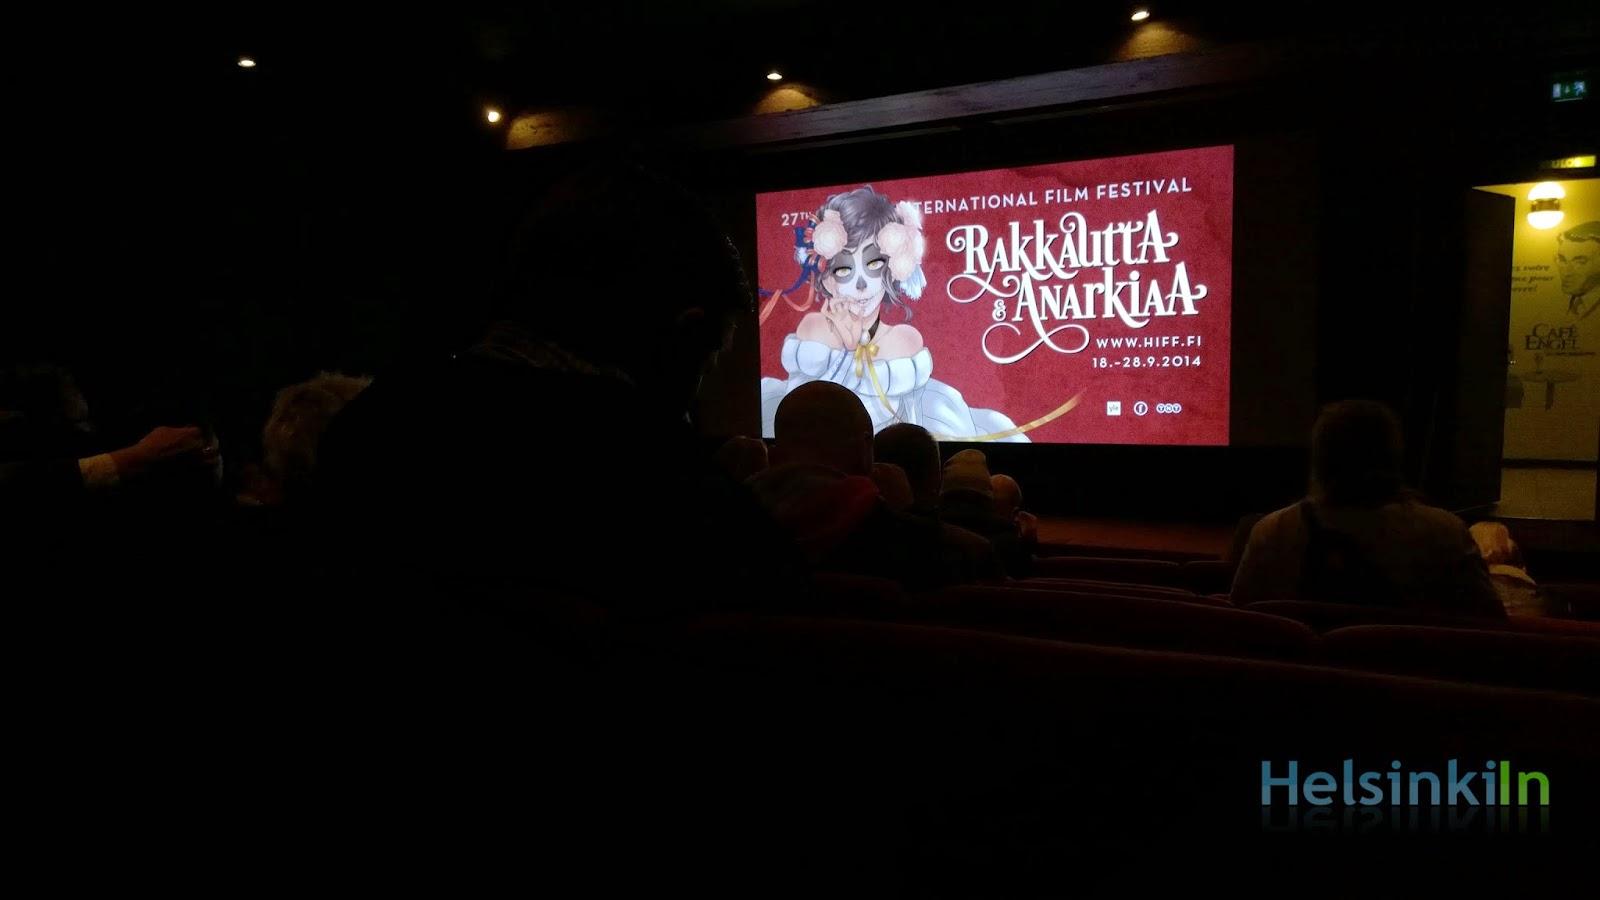 Rakkautta & Anarkiaa 2014